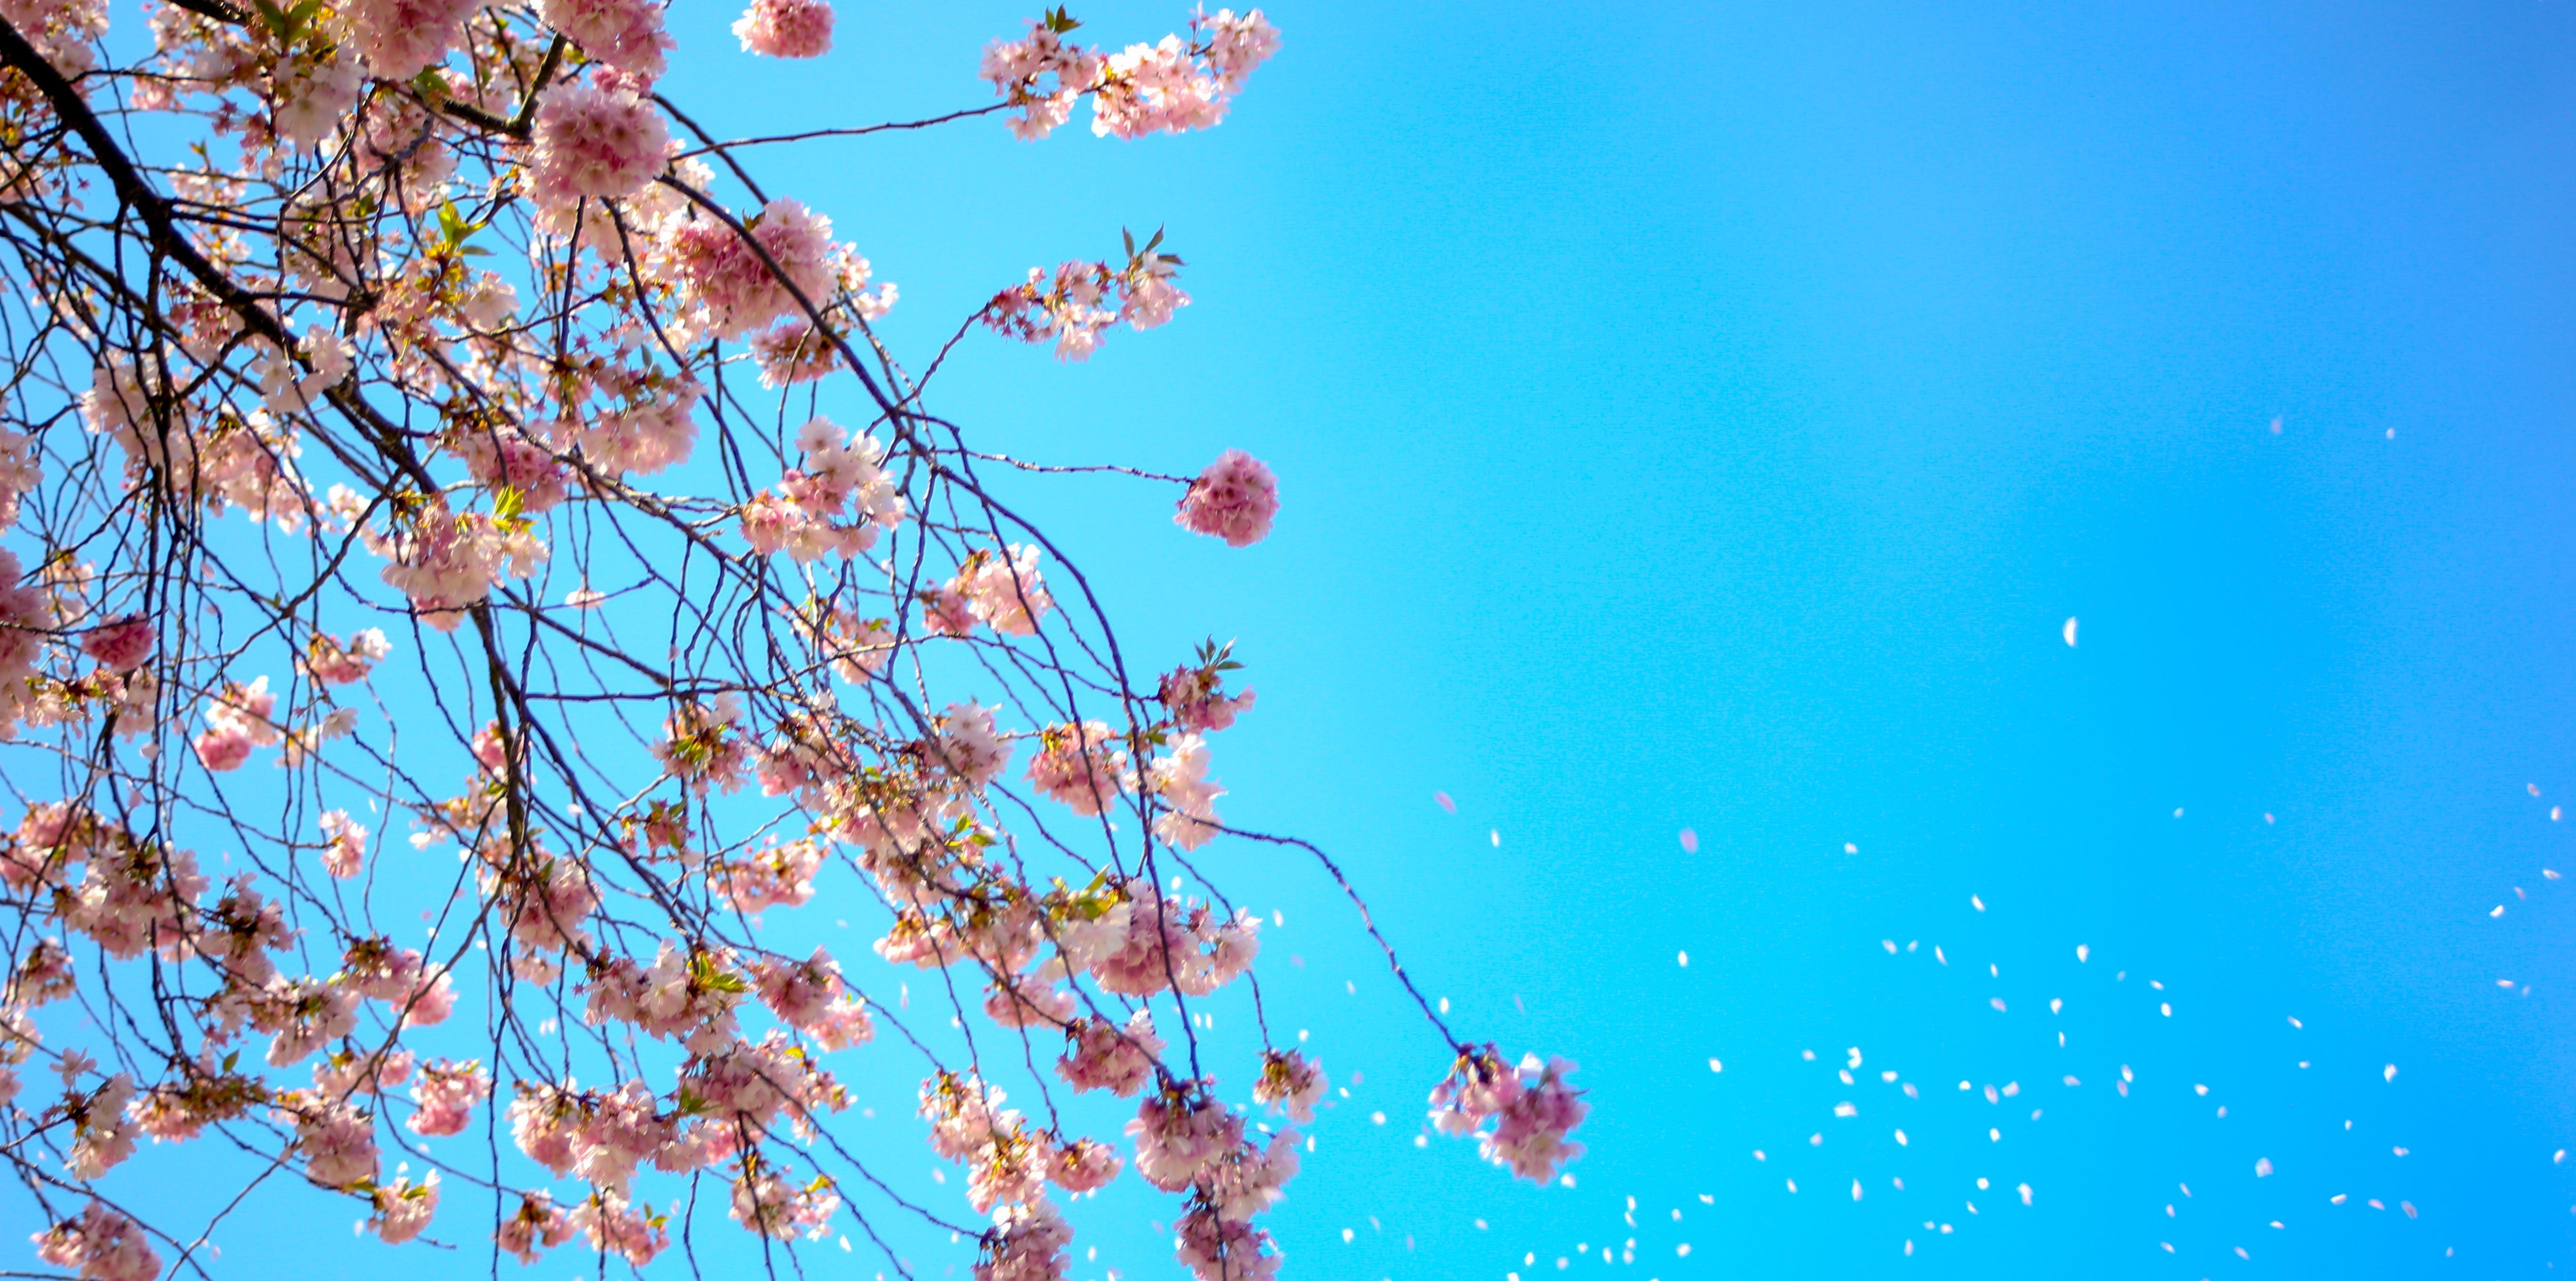 Kostenloses Stock Foto zu blau, blauer himmel, blumen, blüte